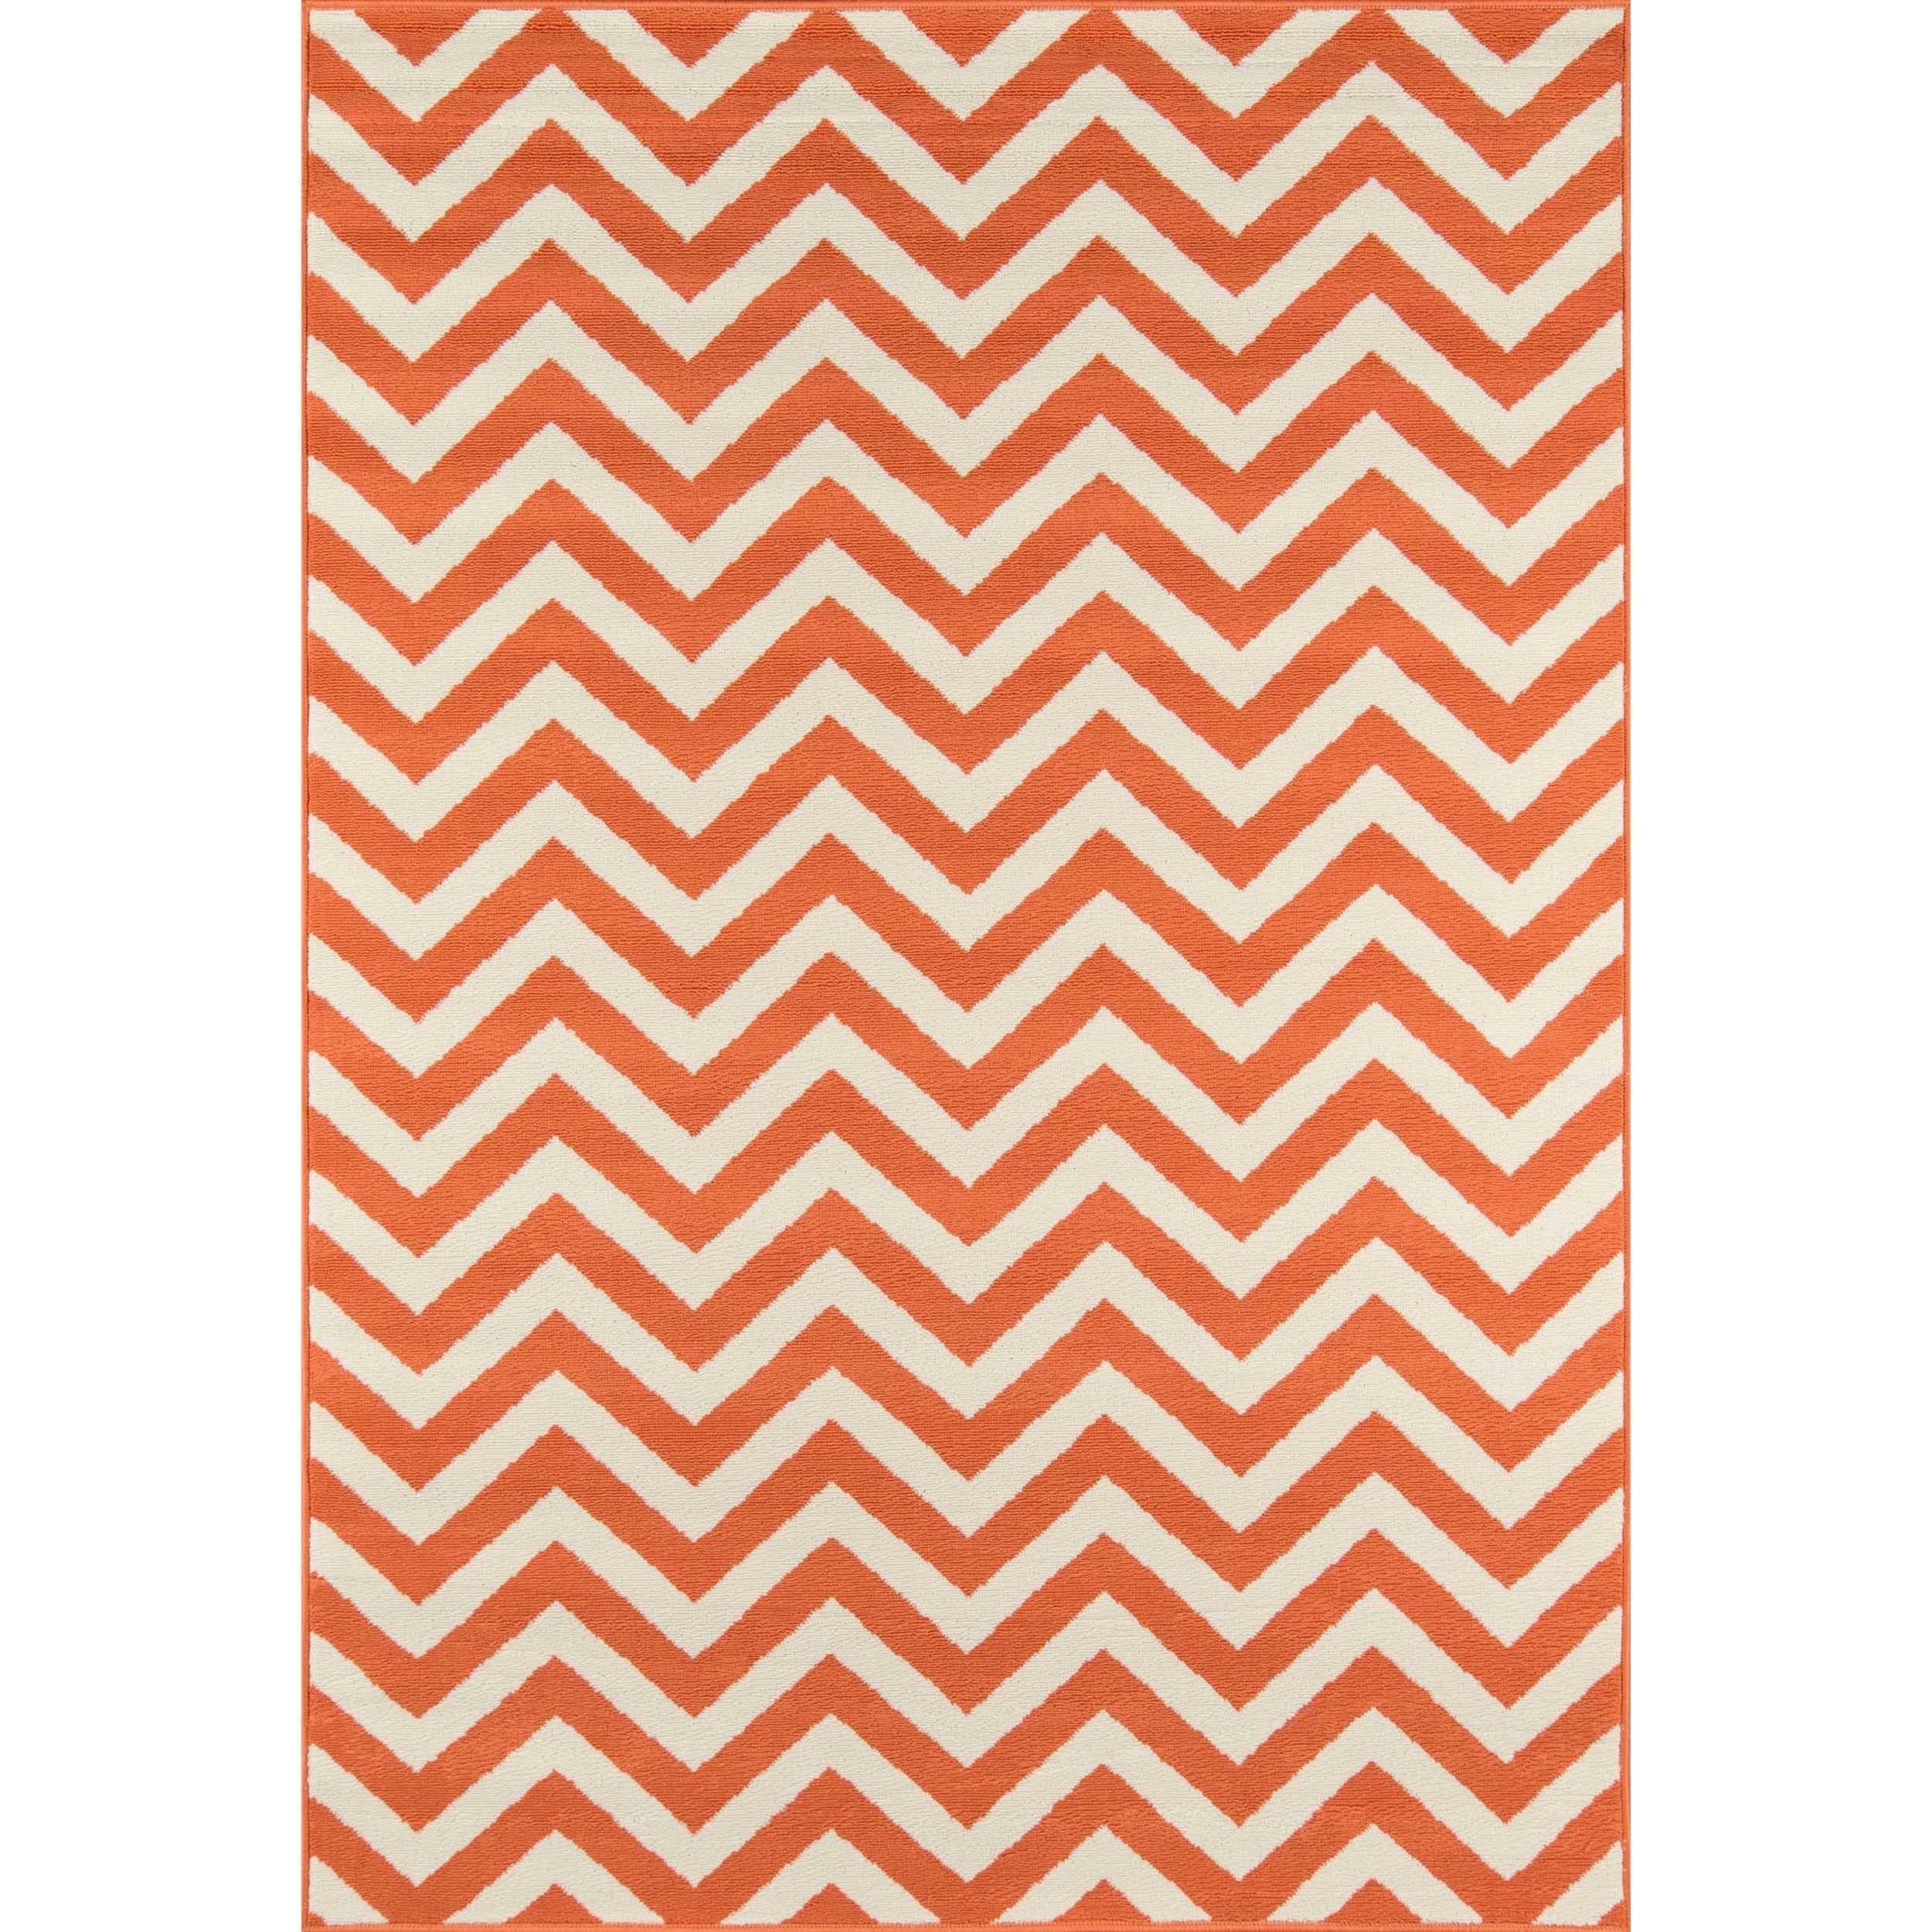 Indoor/Outdoor Orange Chevron Rug (8'6 x 13')